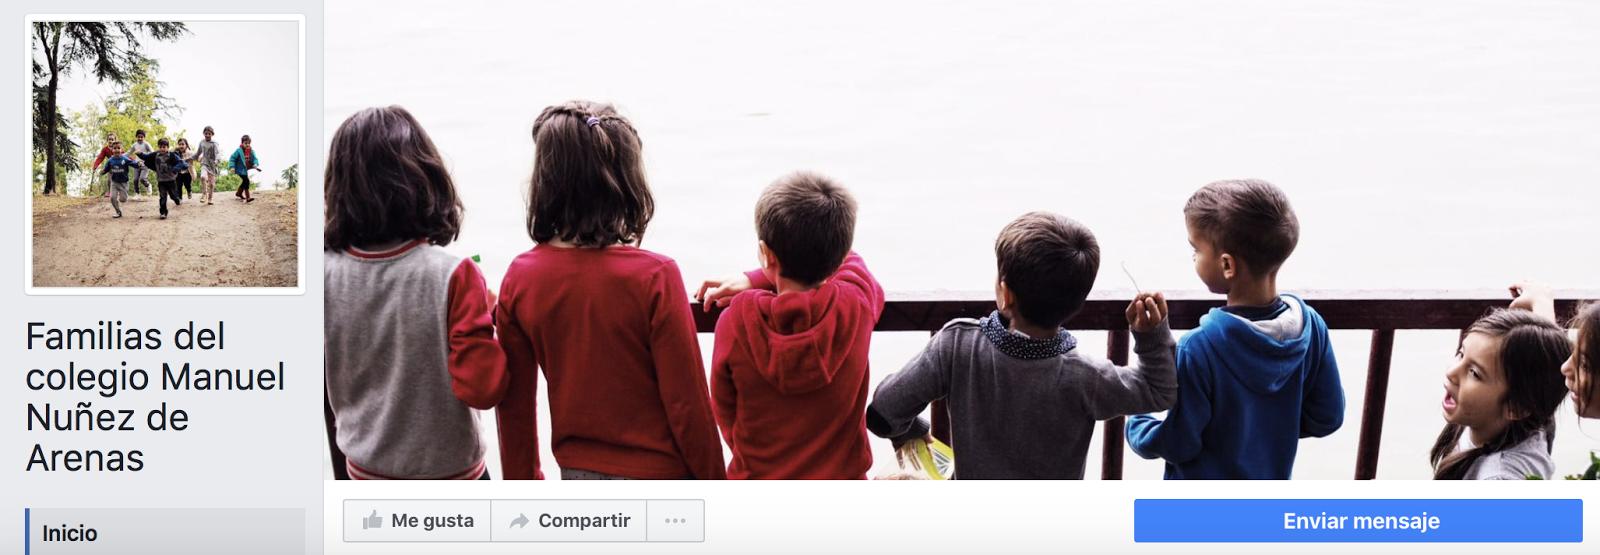 Visita el Facebook